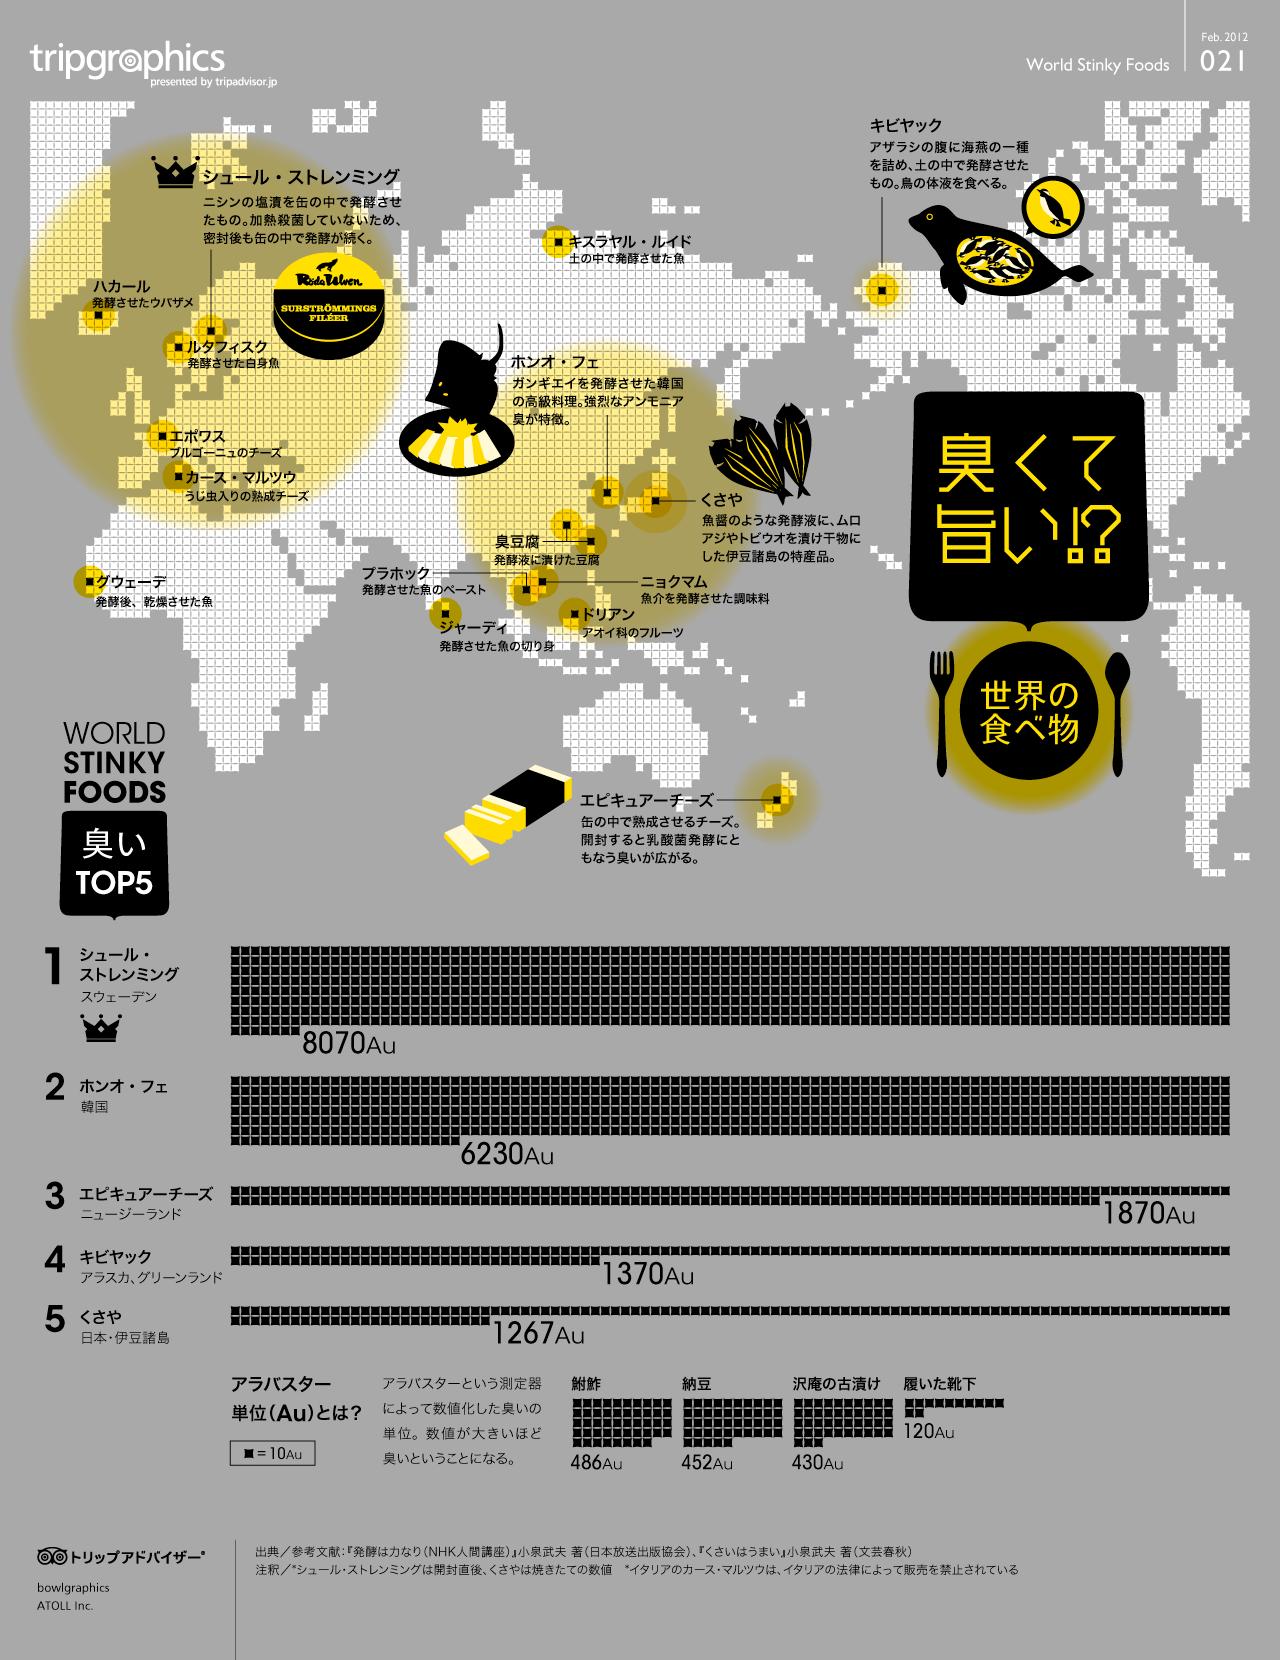 インフォグラフィック:地球上の臭い食べ物ランキング。世界最強臭の〇〇は納豆の19倍